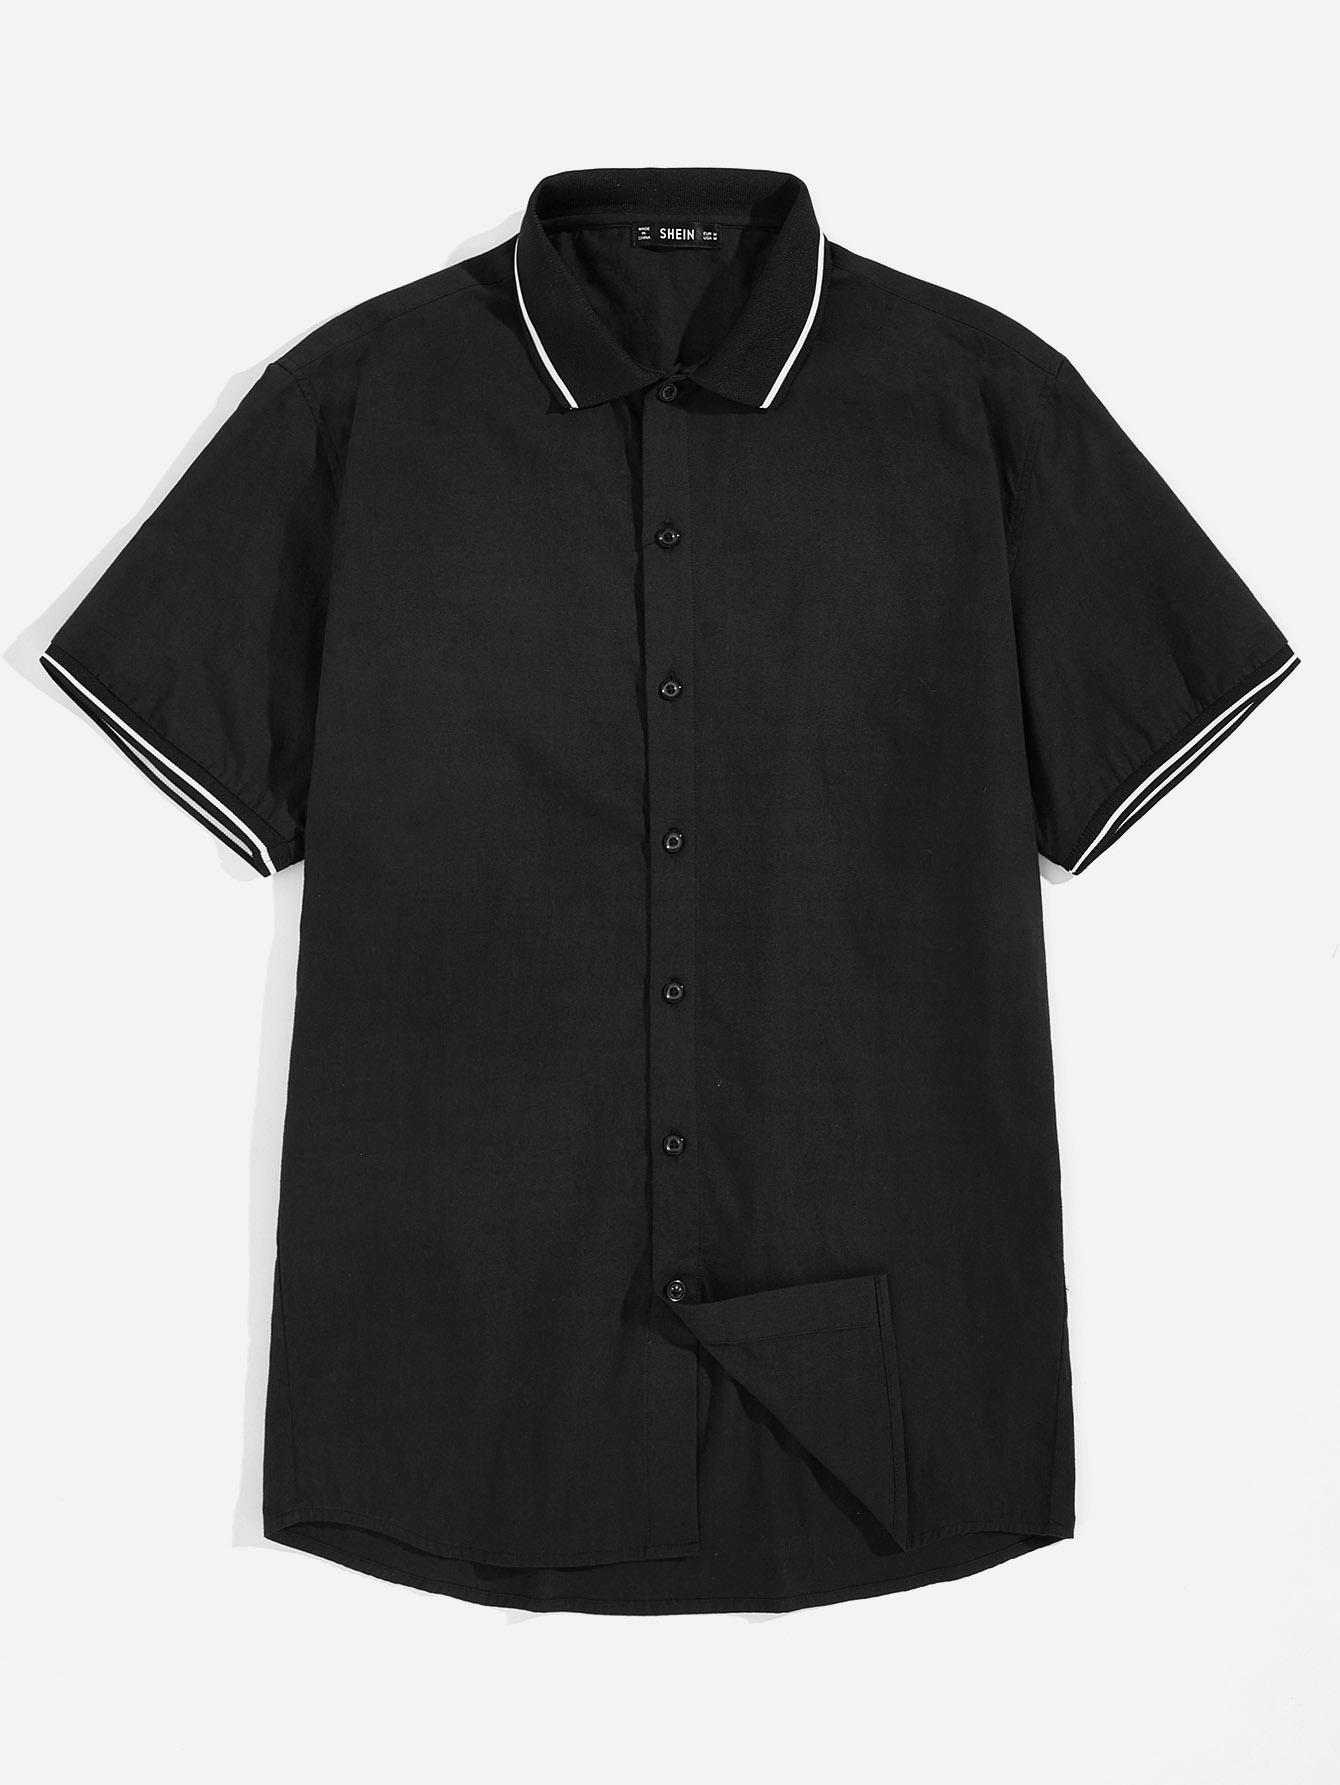 Купить Мужская рубашка с пуговицами и полосатым воротником, null, SheIn